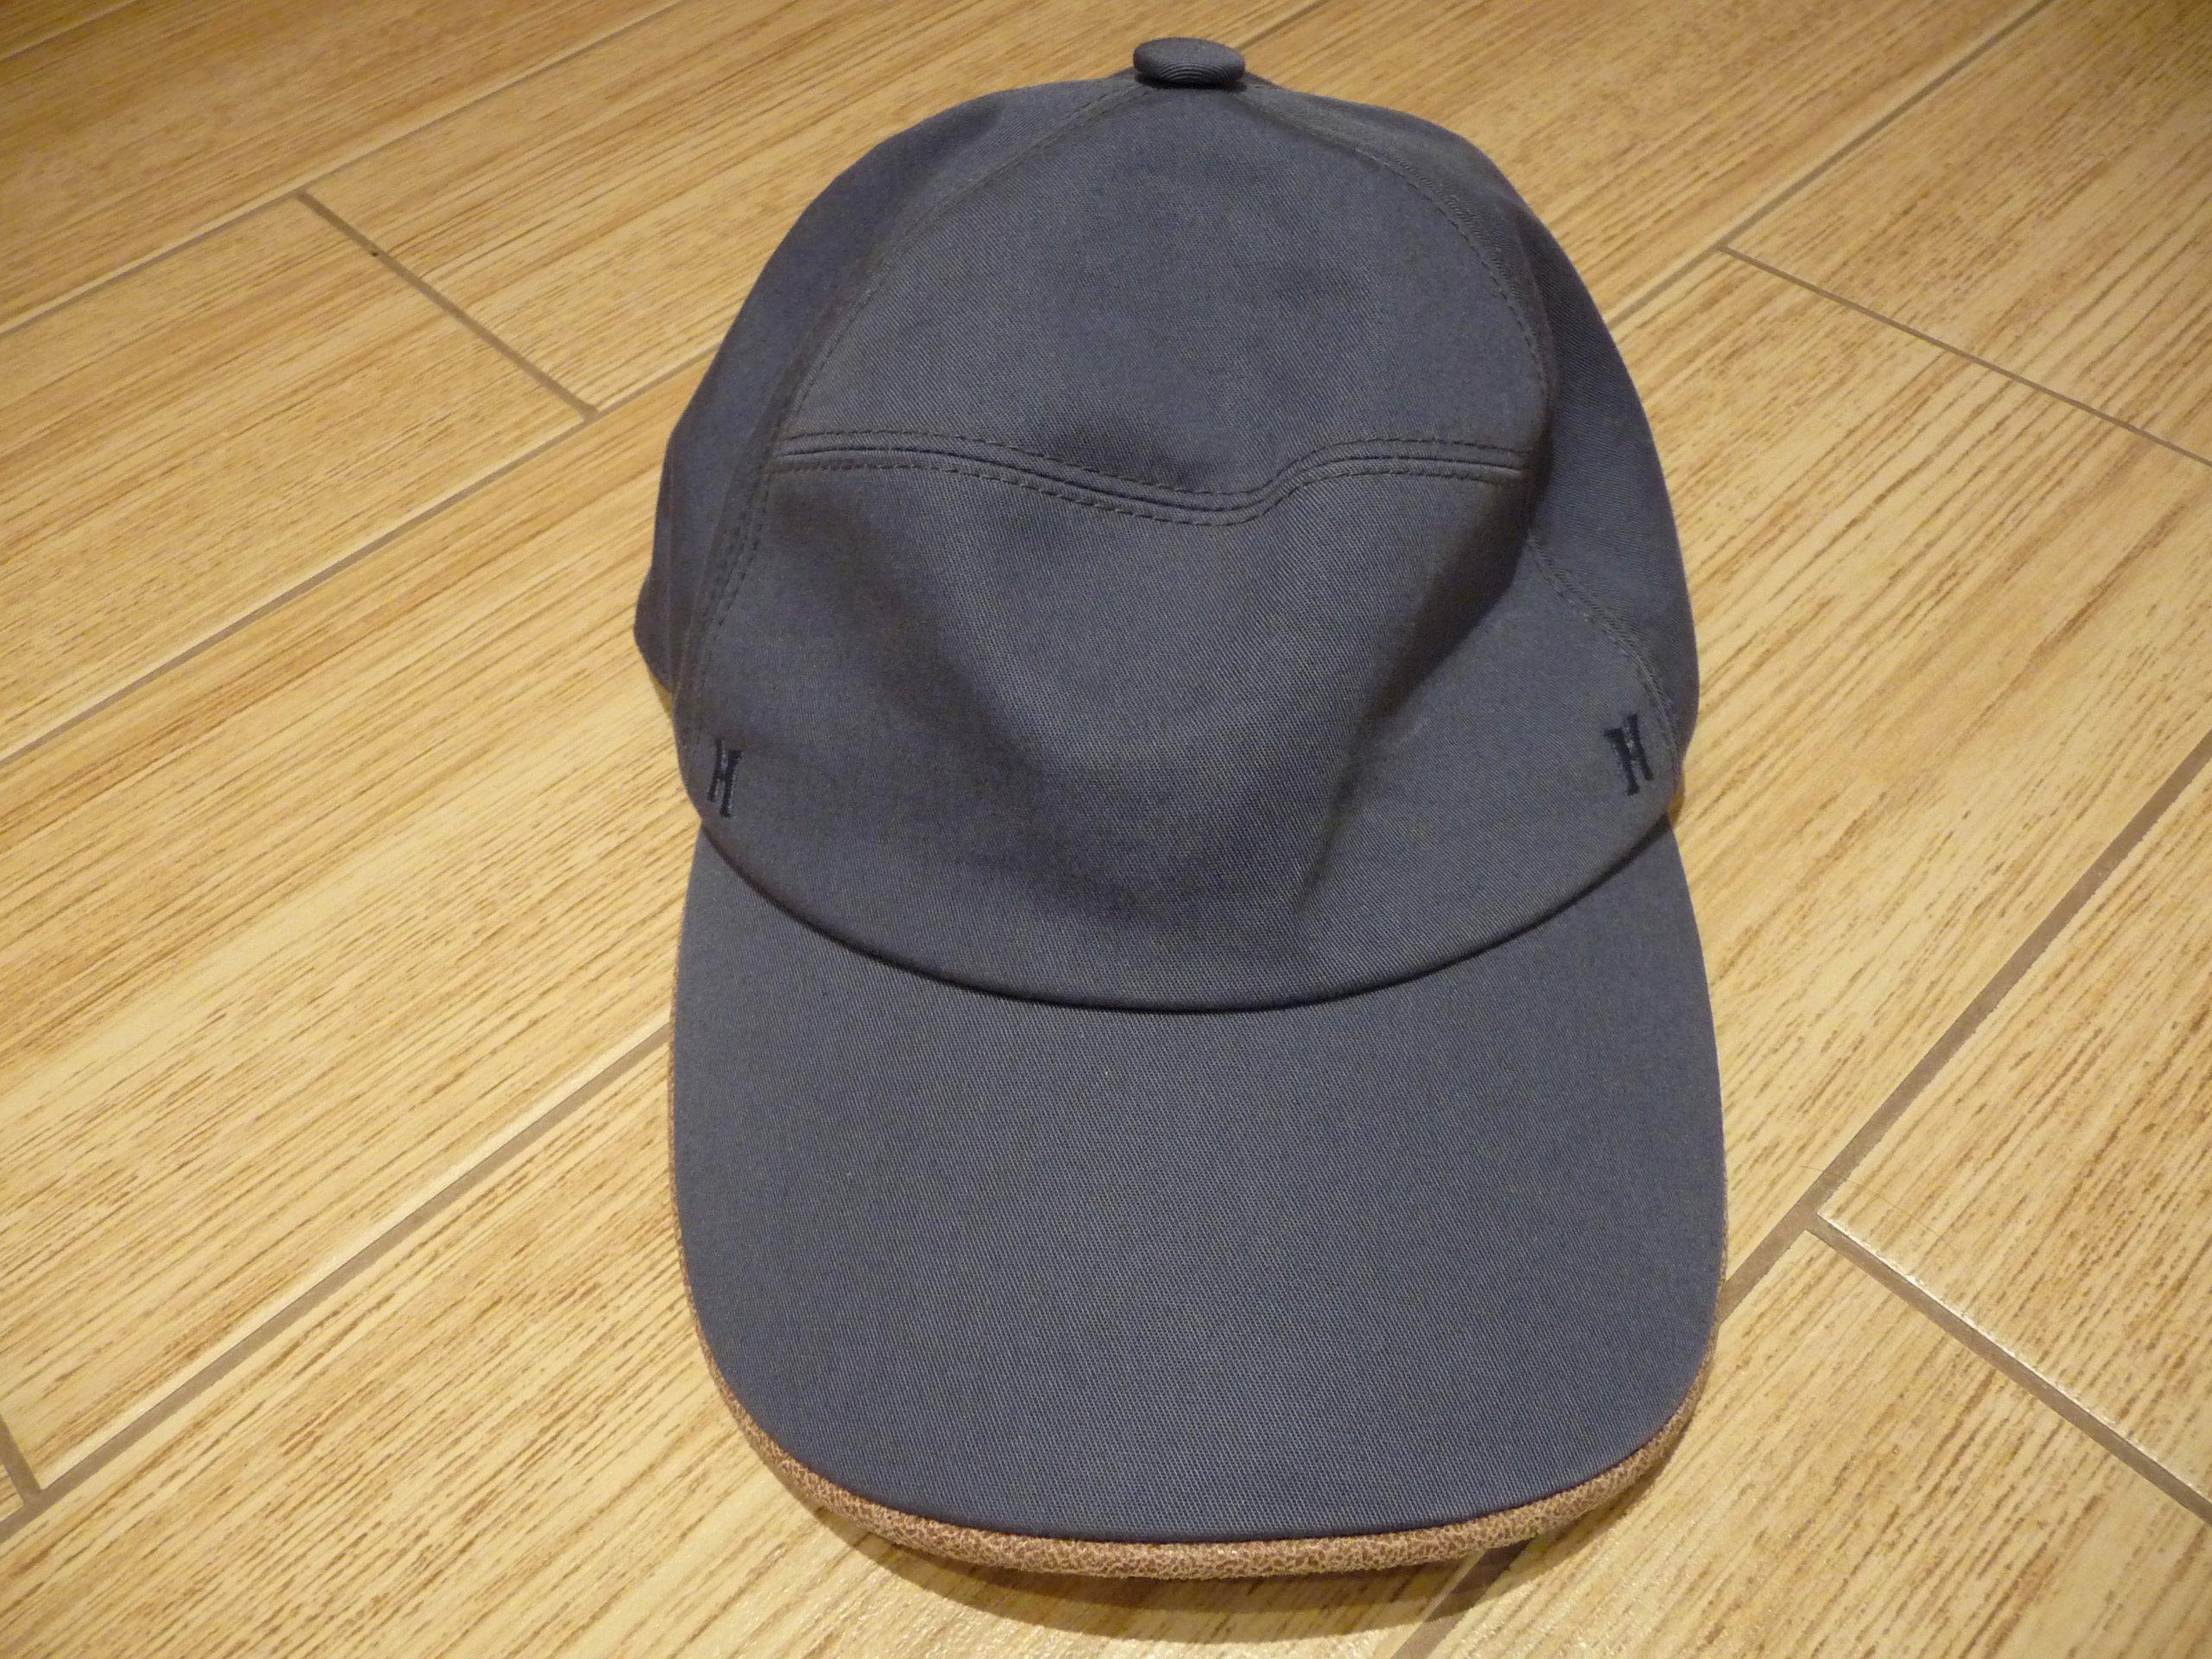 17275da9c98f6 HERMES - czapka bejsbolówka 2 - 7398824887 - oficjalne archiwum allegro